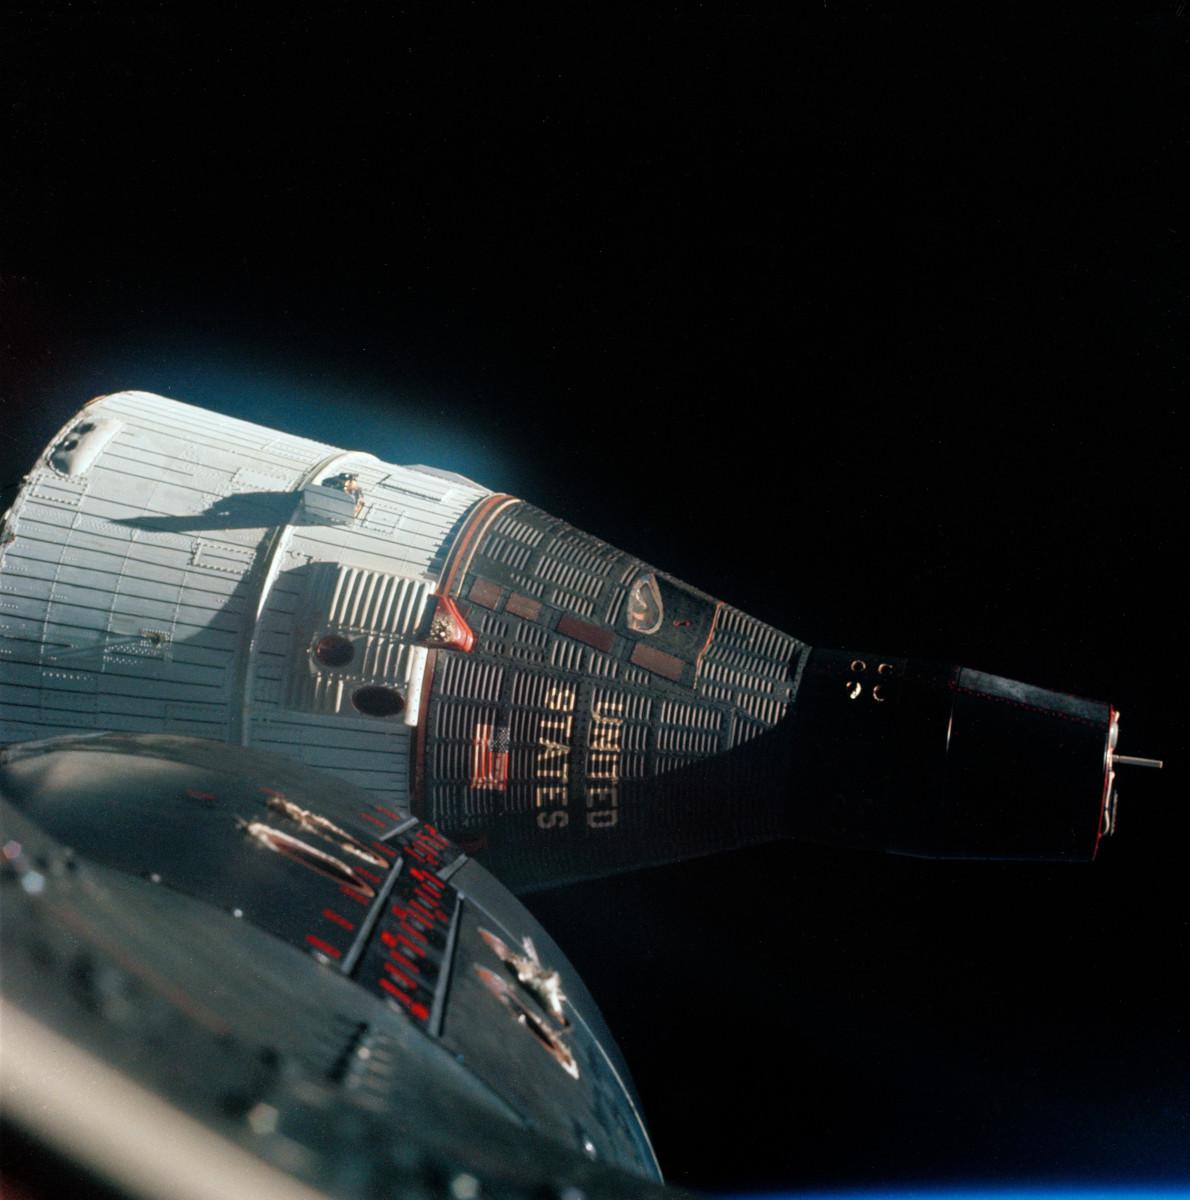 Il y a 55 ans, les Américains procédaient au premier rendez-vous spatial